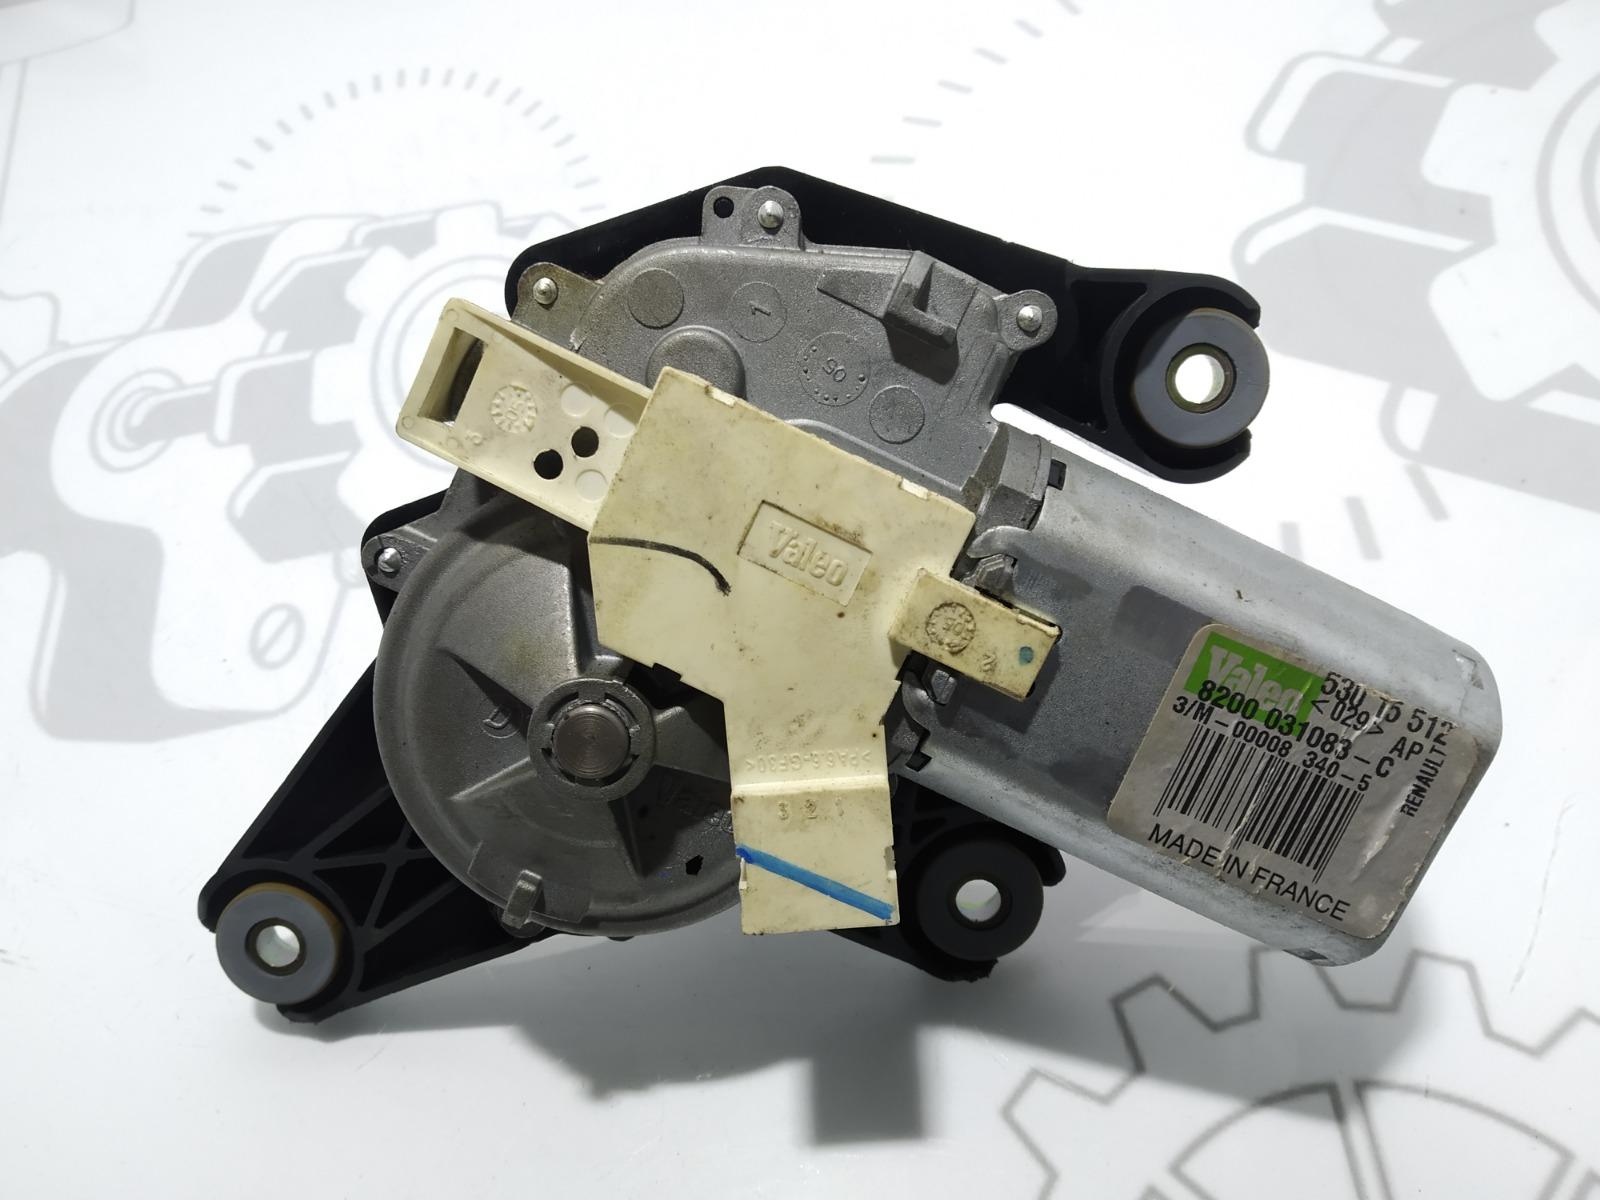 Моторчик заднего стеклоочистителя (дворника) Renault Grand Espace 3.0 DCI 2005 (б/у)